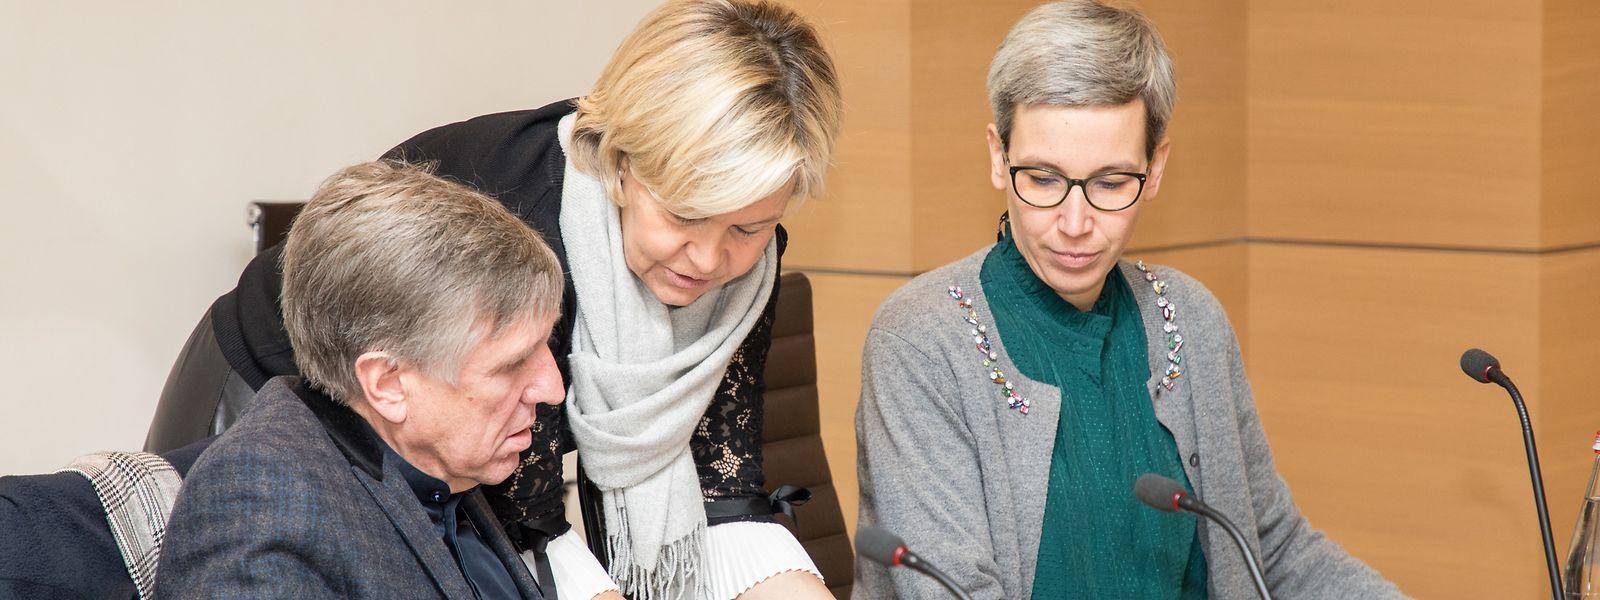 Polizeiminister François Bausch (l.), die Generalinspektorin der Polizei, Monique Stirn (Mitte), und Justizministerin Sam Tanson am Donnerstag bei der Vorstellung des IGP-Audits im Parlament.